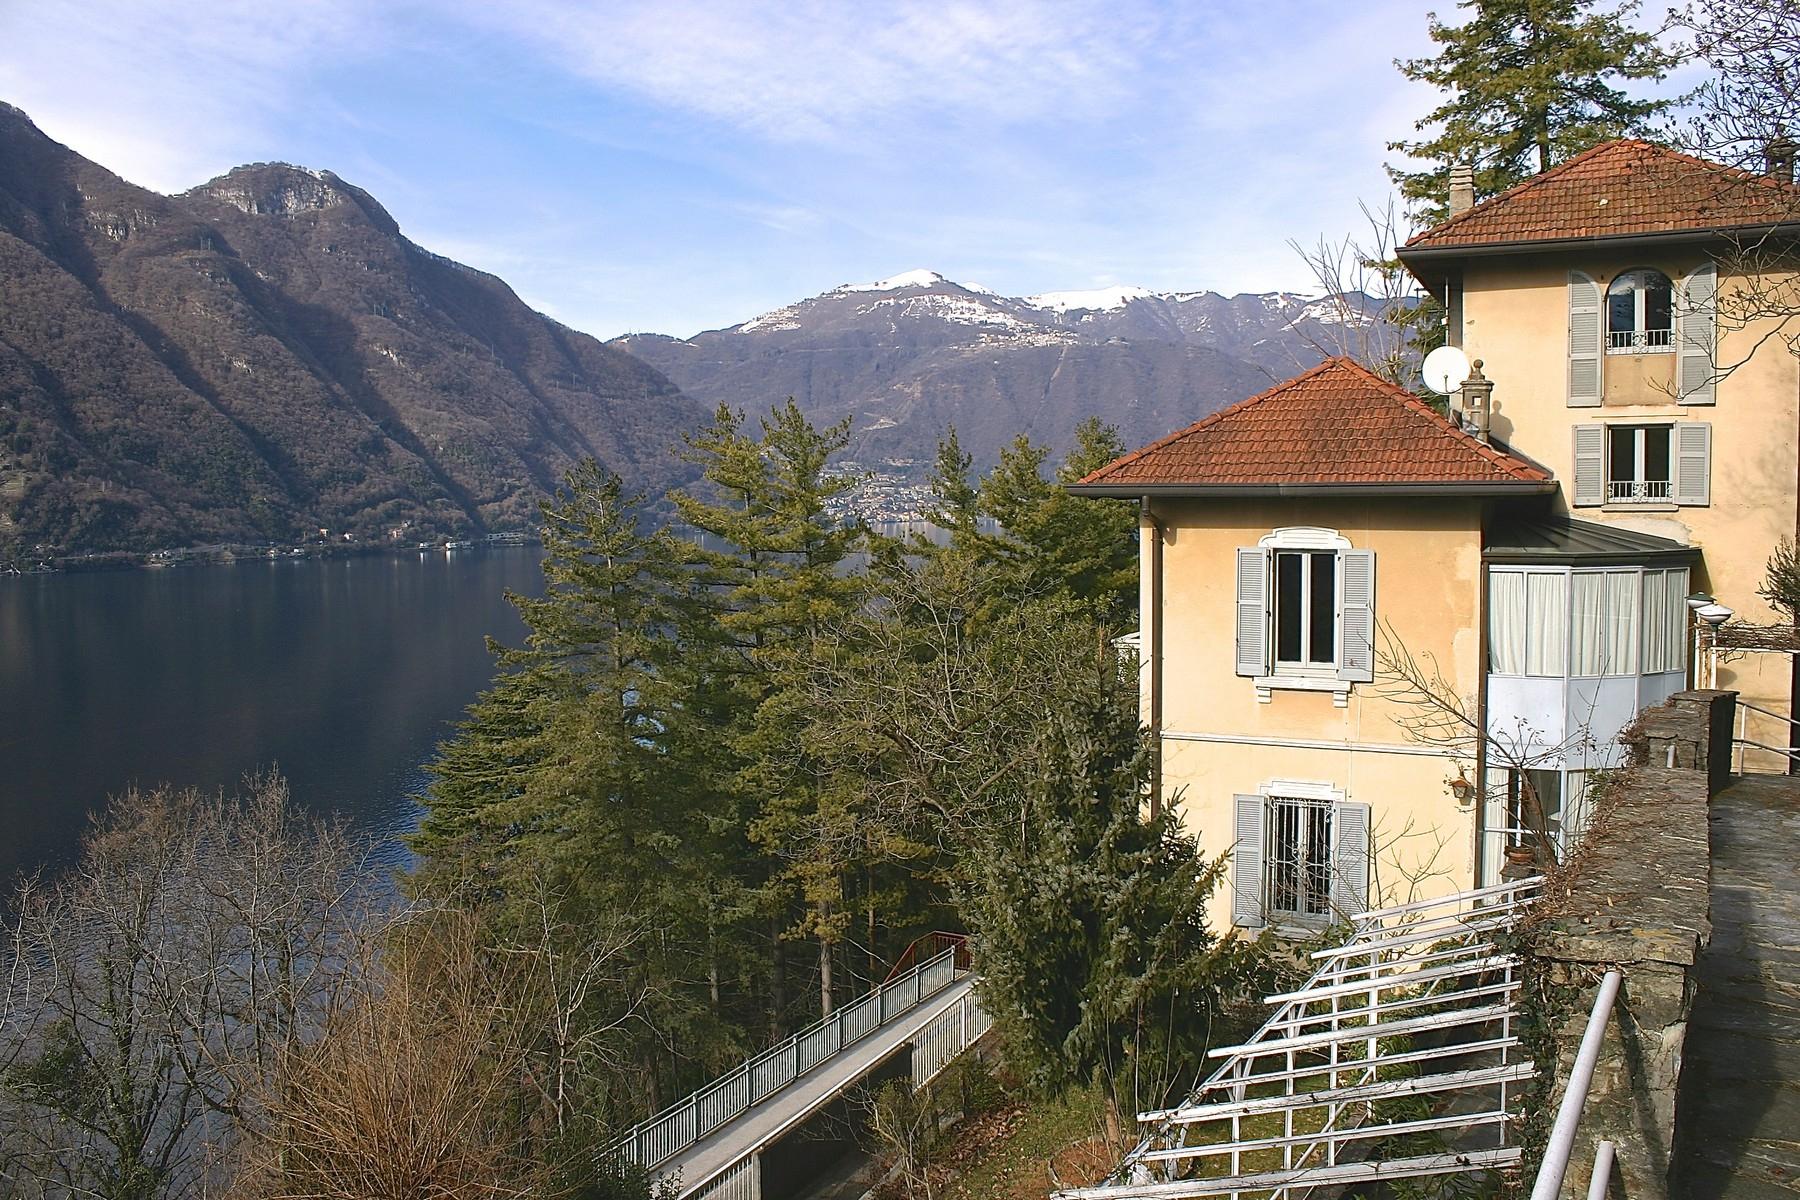 Villa in Vendita a Nesso: 5 locali, 250 mq - Foto 1